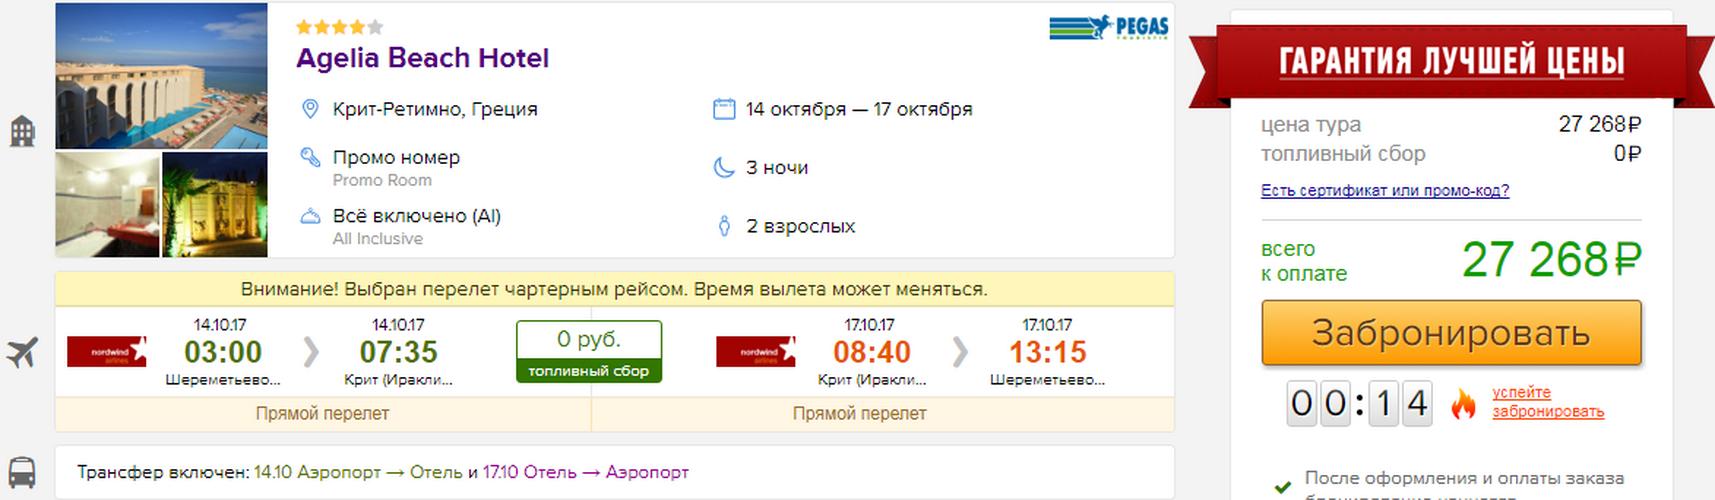 Крит на выходные 12 200 рублей, все включено